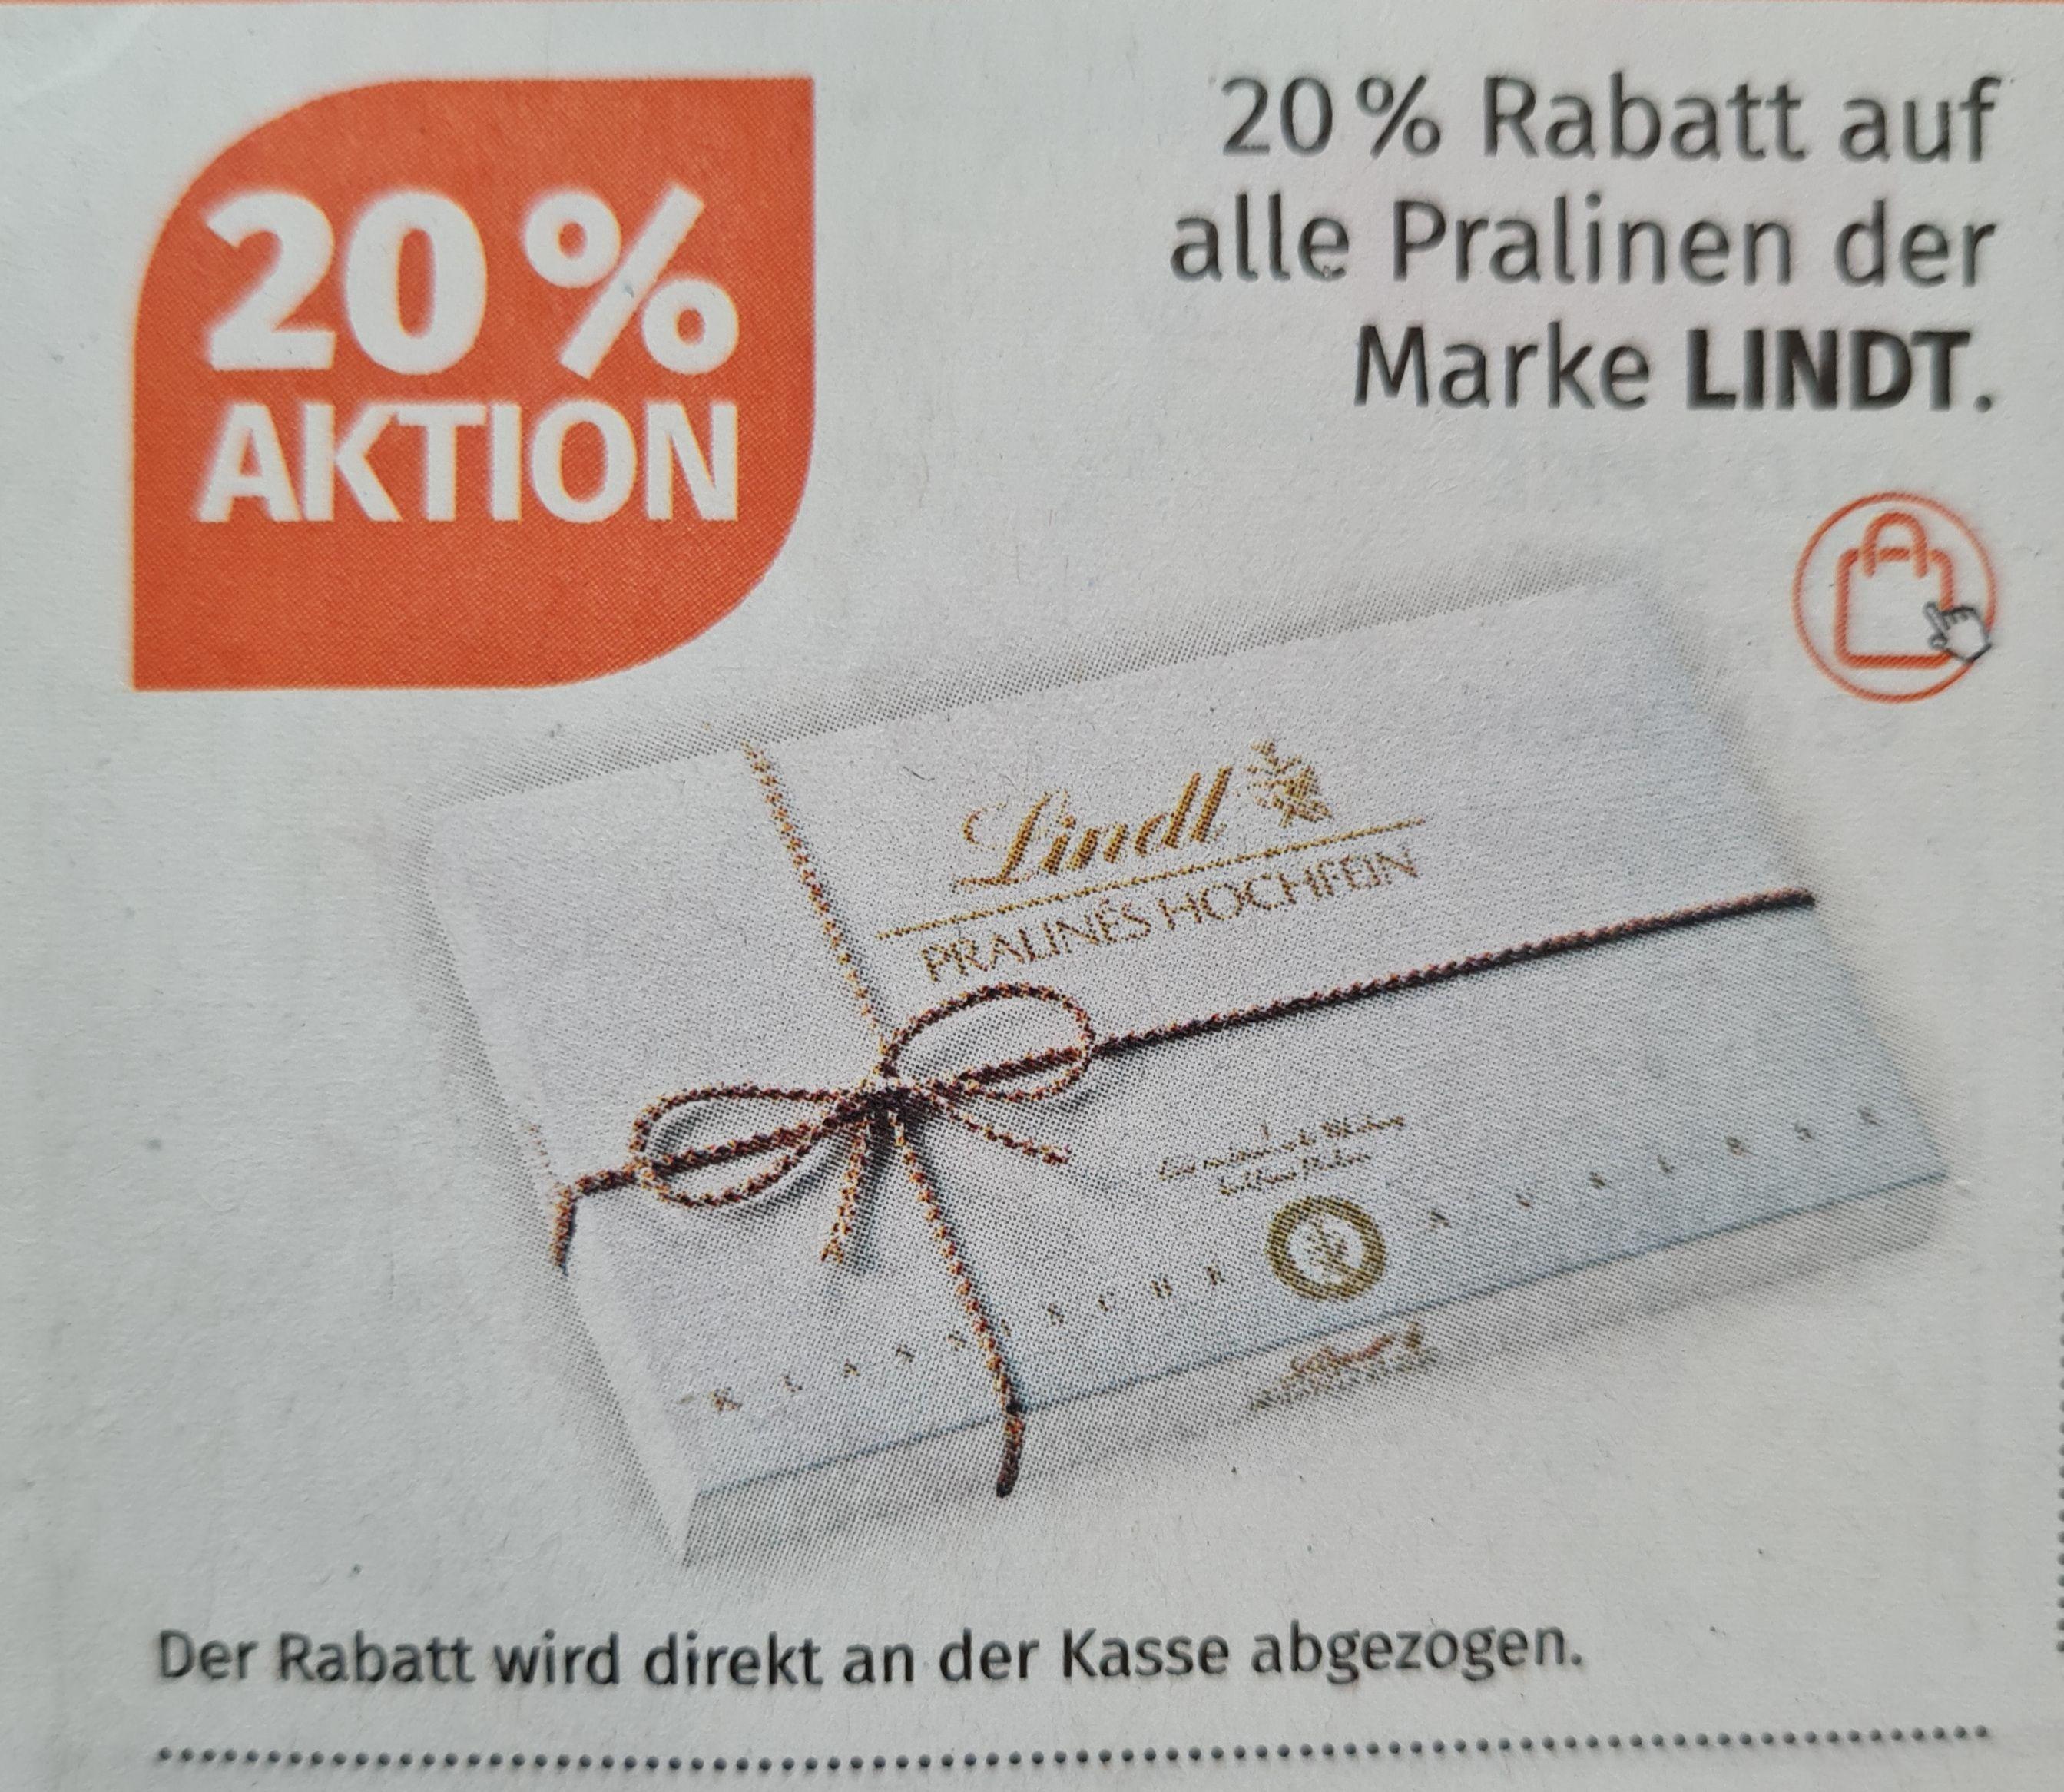 Müller 20% Rabatt Lindt, 30% Victoria Secret und 25% Bruno Banani